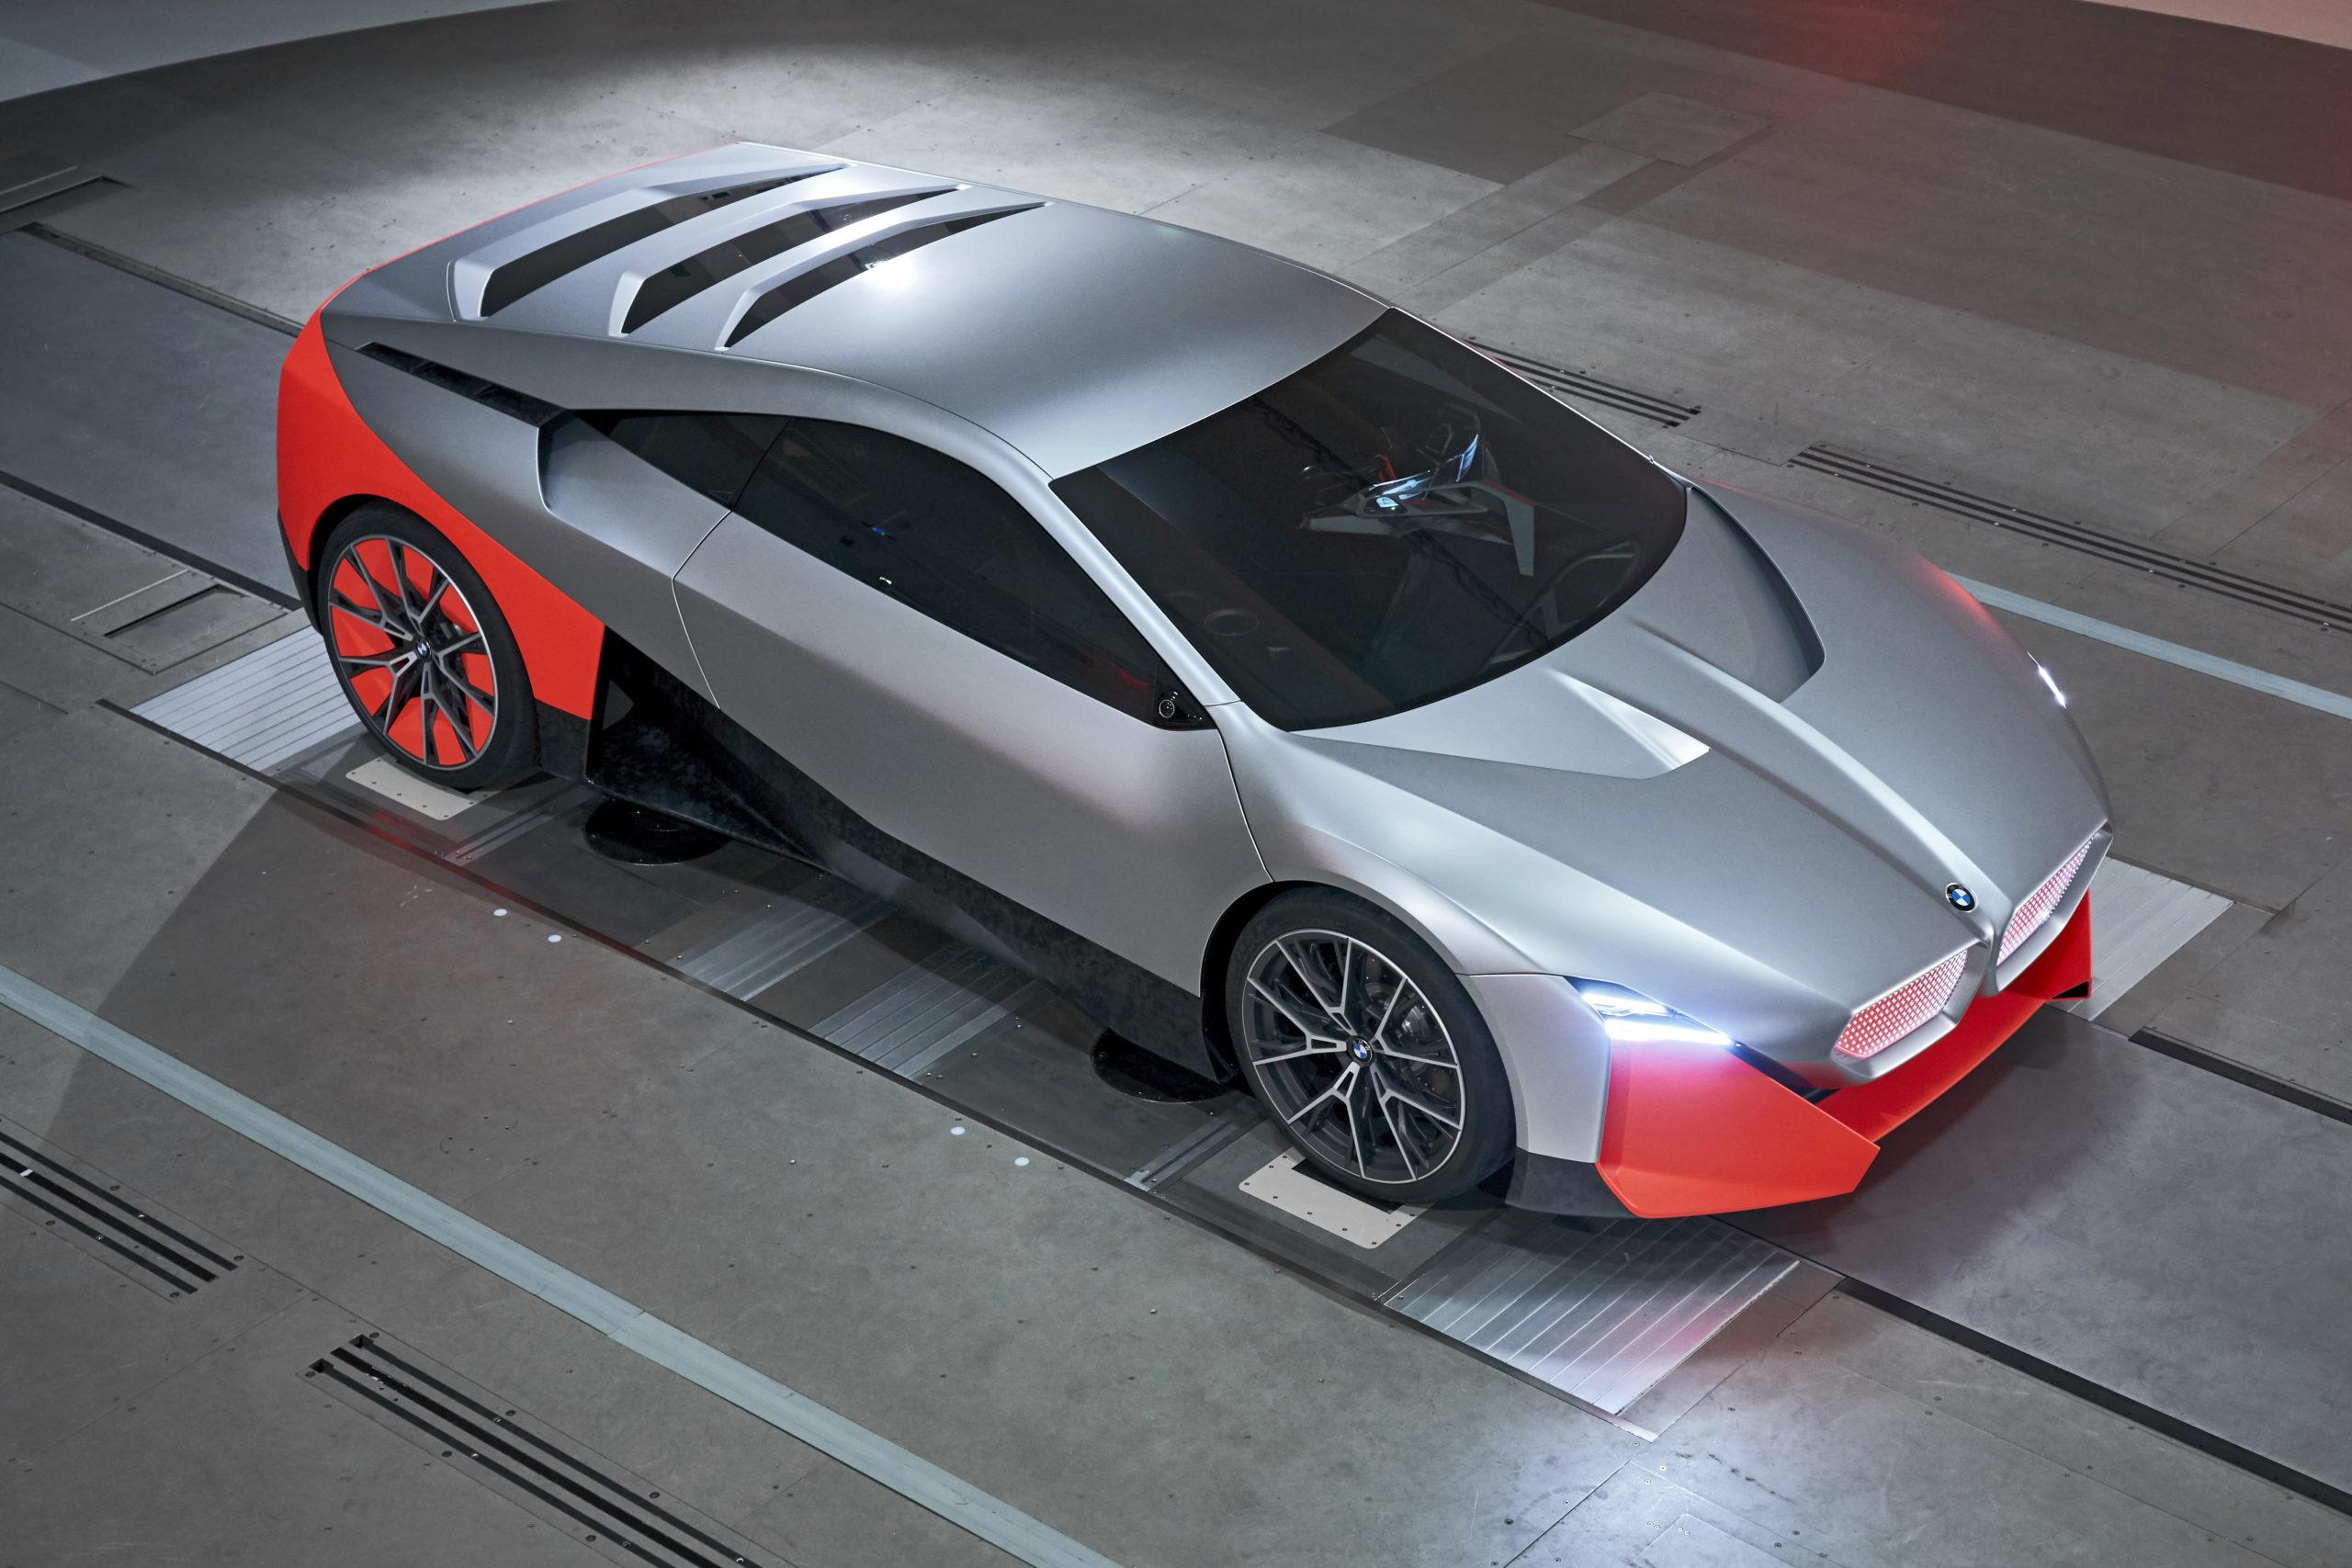 Hybrydowy super samochód od BMW